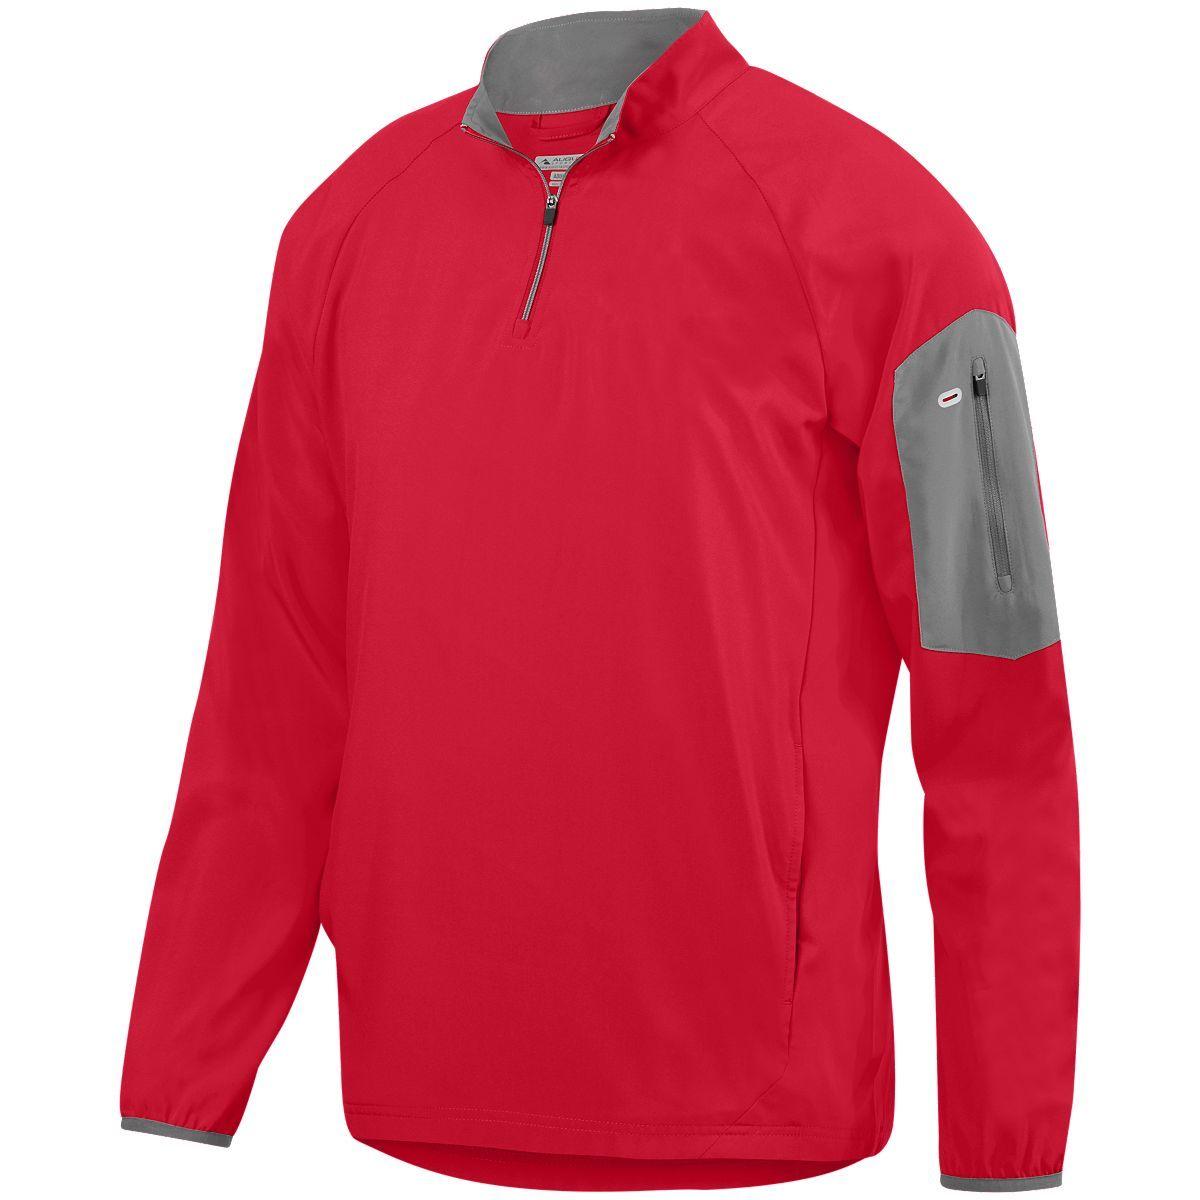 Preeminent Half-Zip Pullover - RED/GRAPHITE